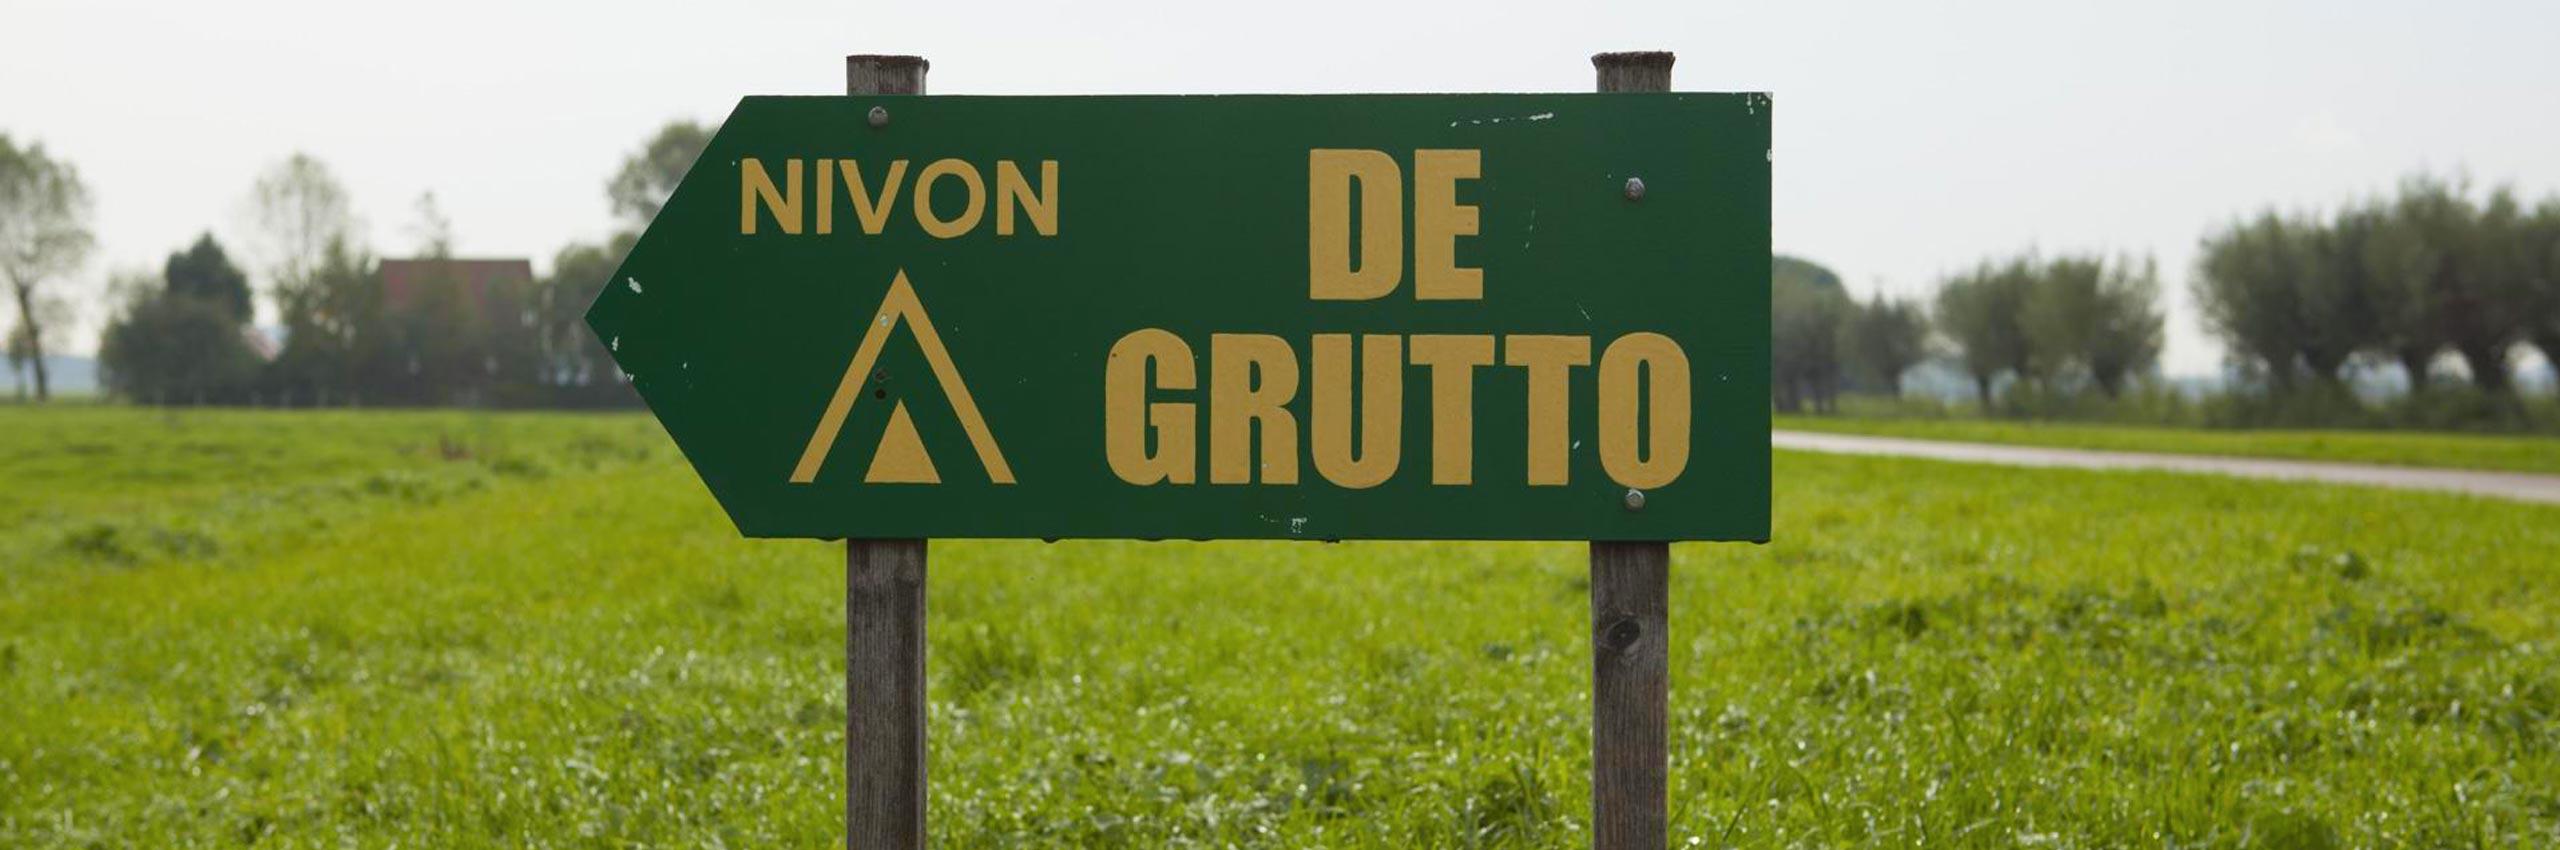 Basis-Nivon-De-Grutto-Home2